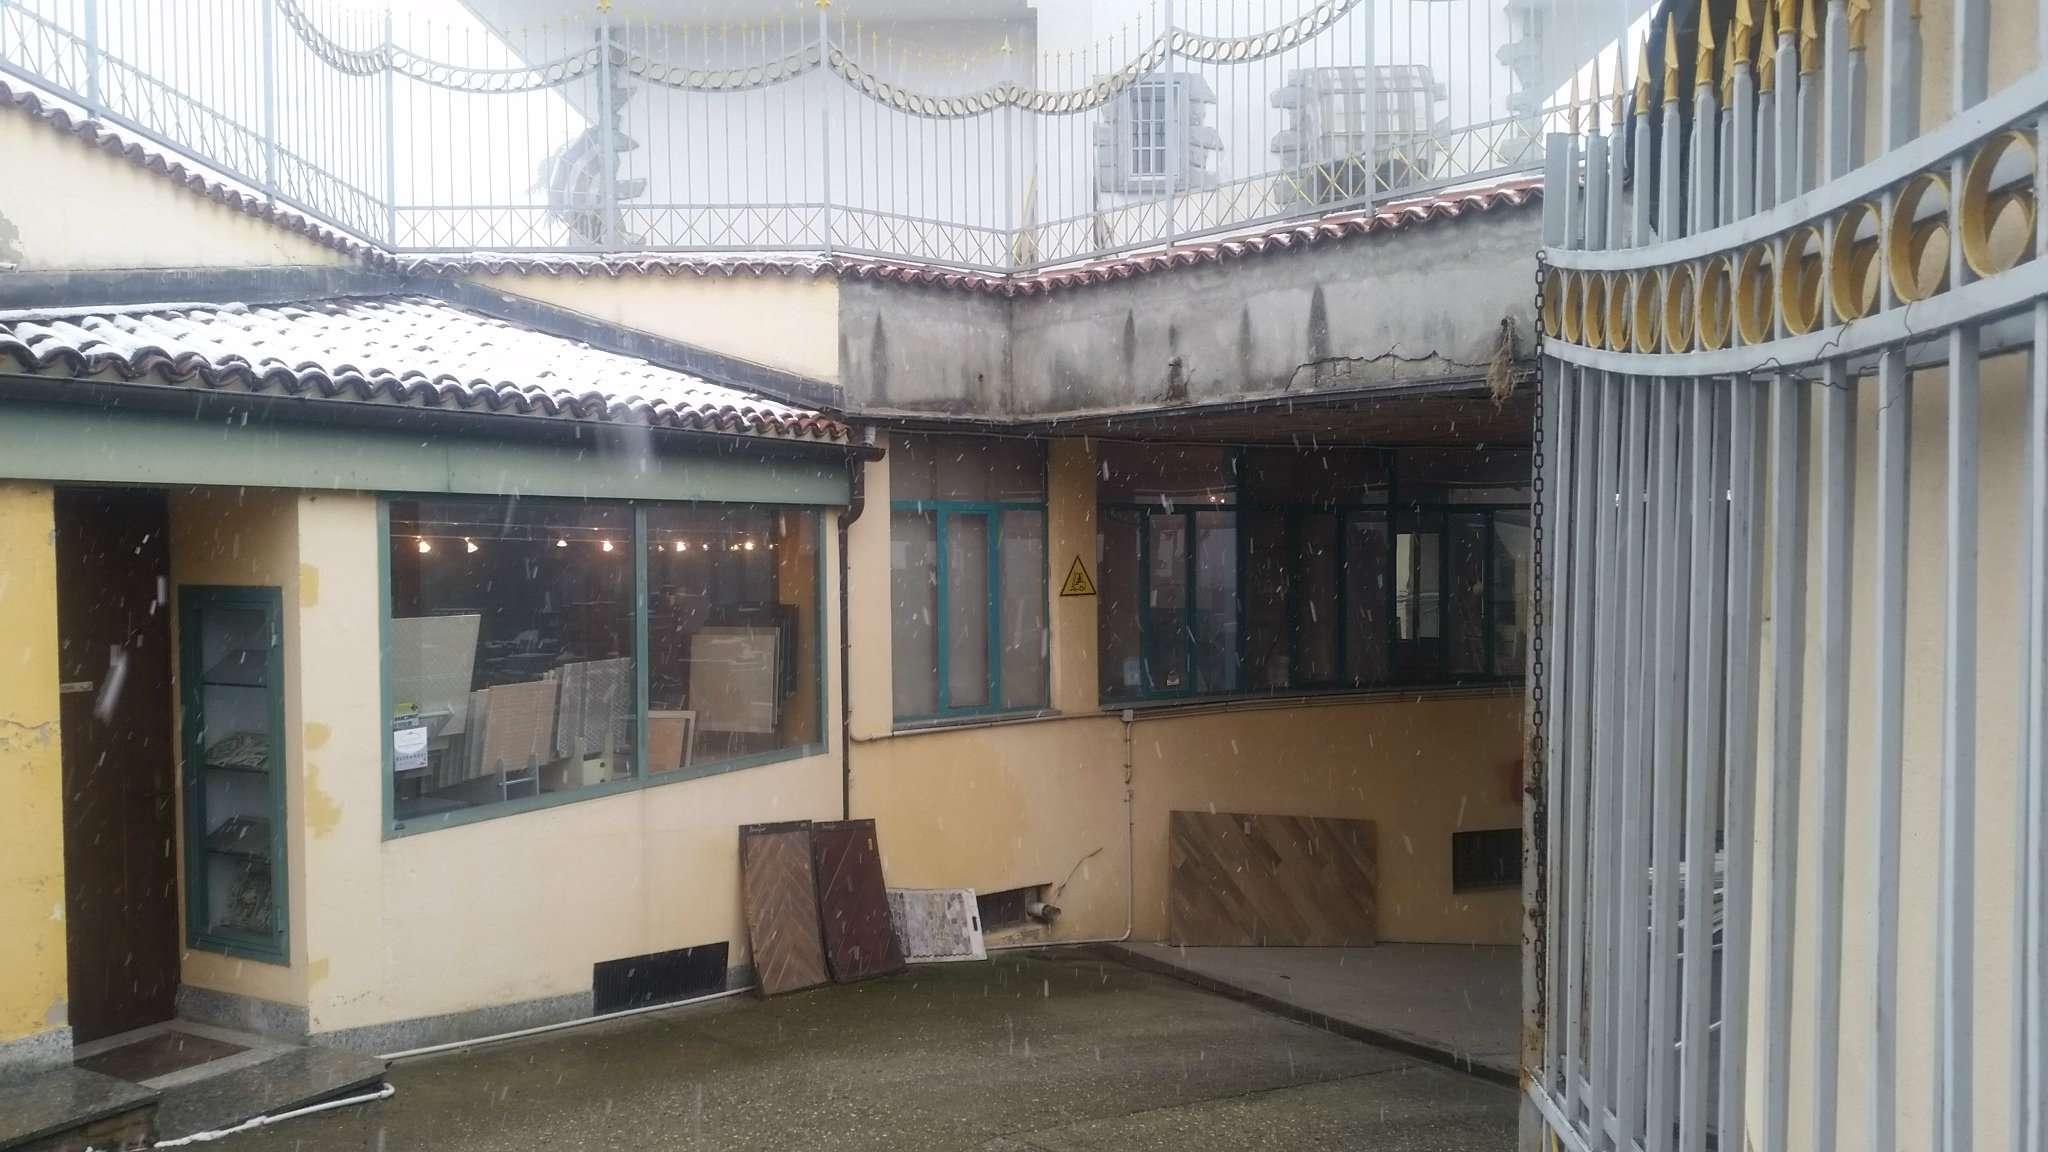 Negozio / Locale in vendita a Pecetto Torinese, 9999 locali, prezzo € 210.000 | Cambio Casa.it